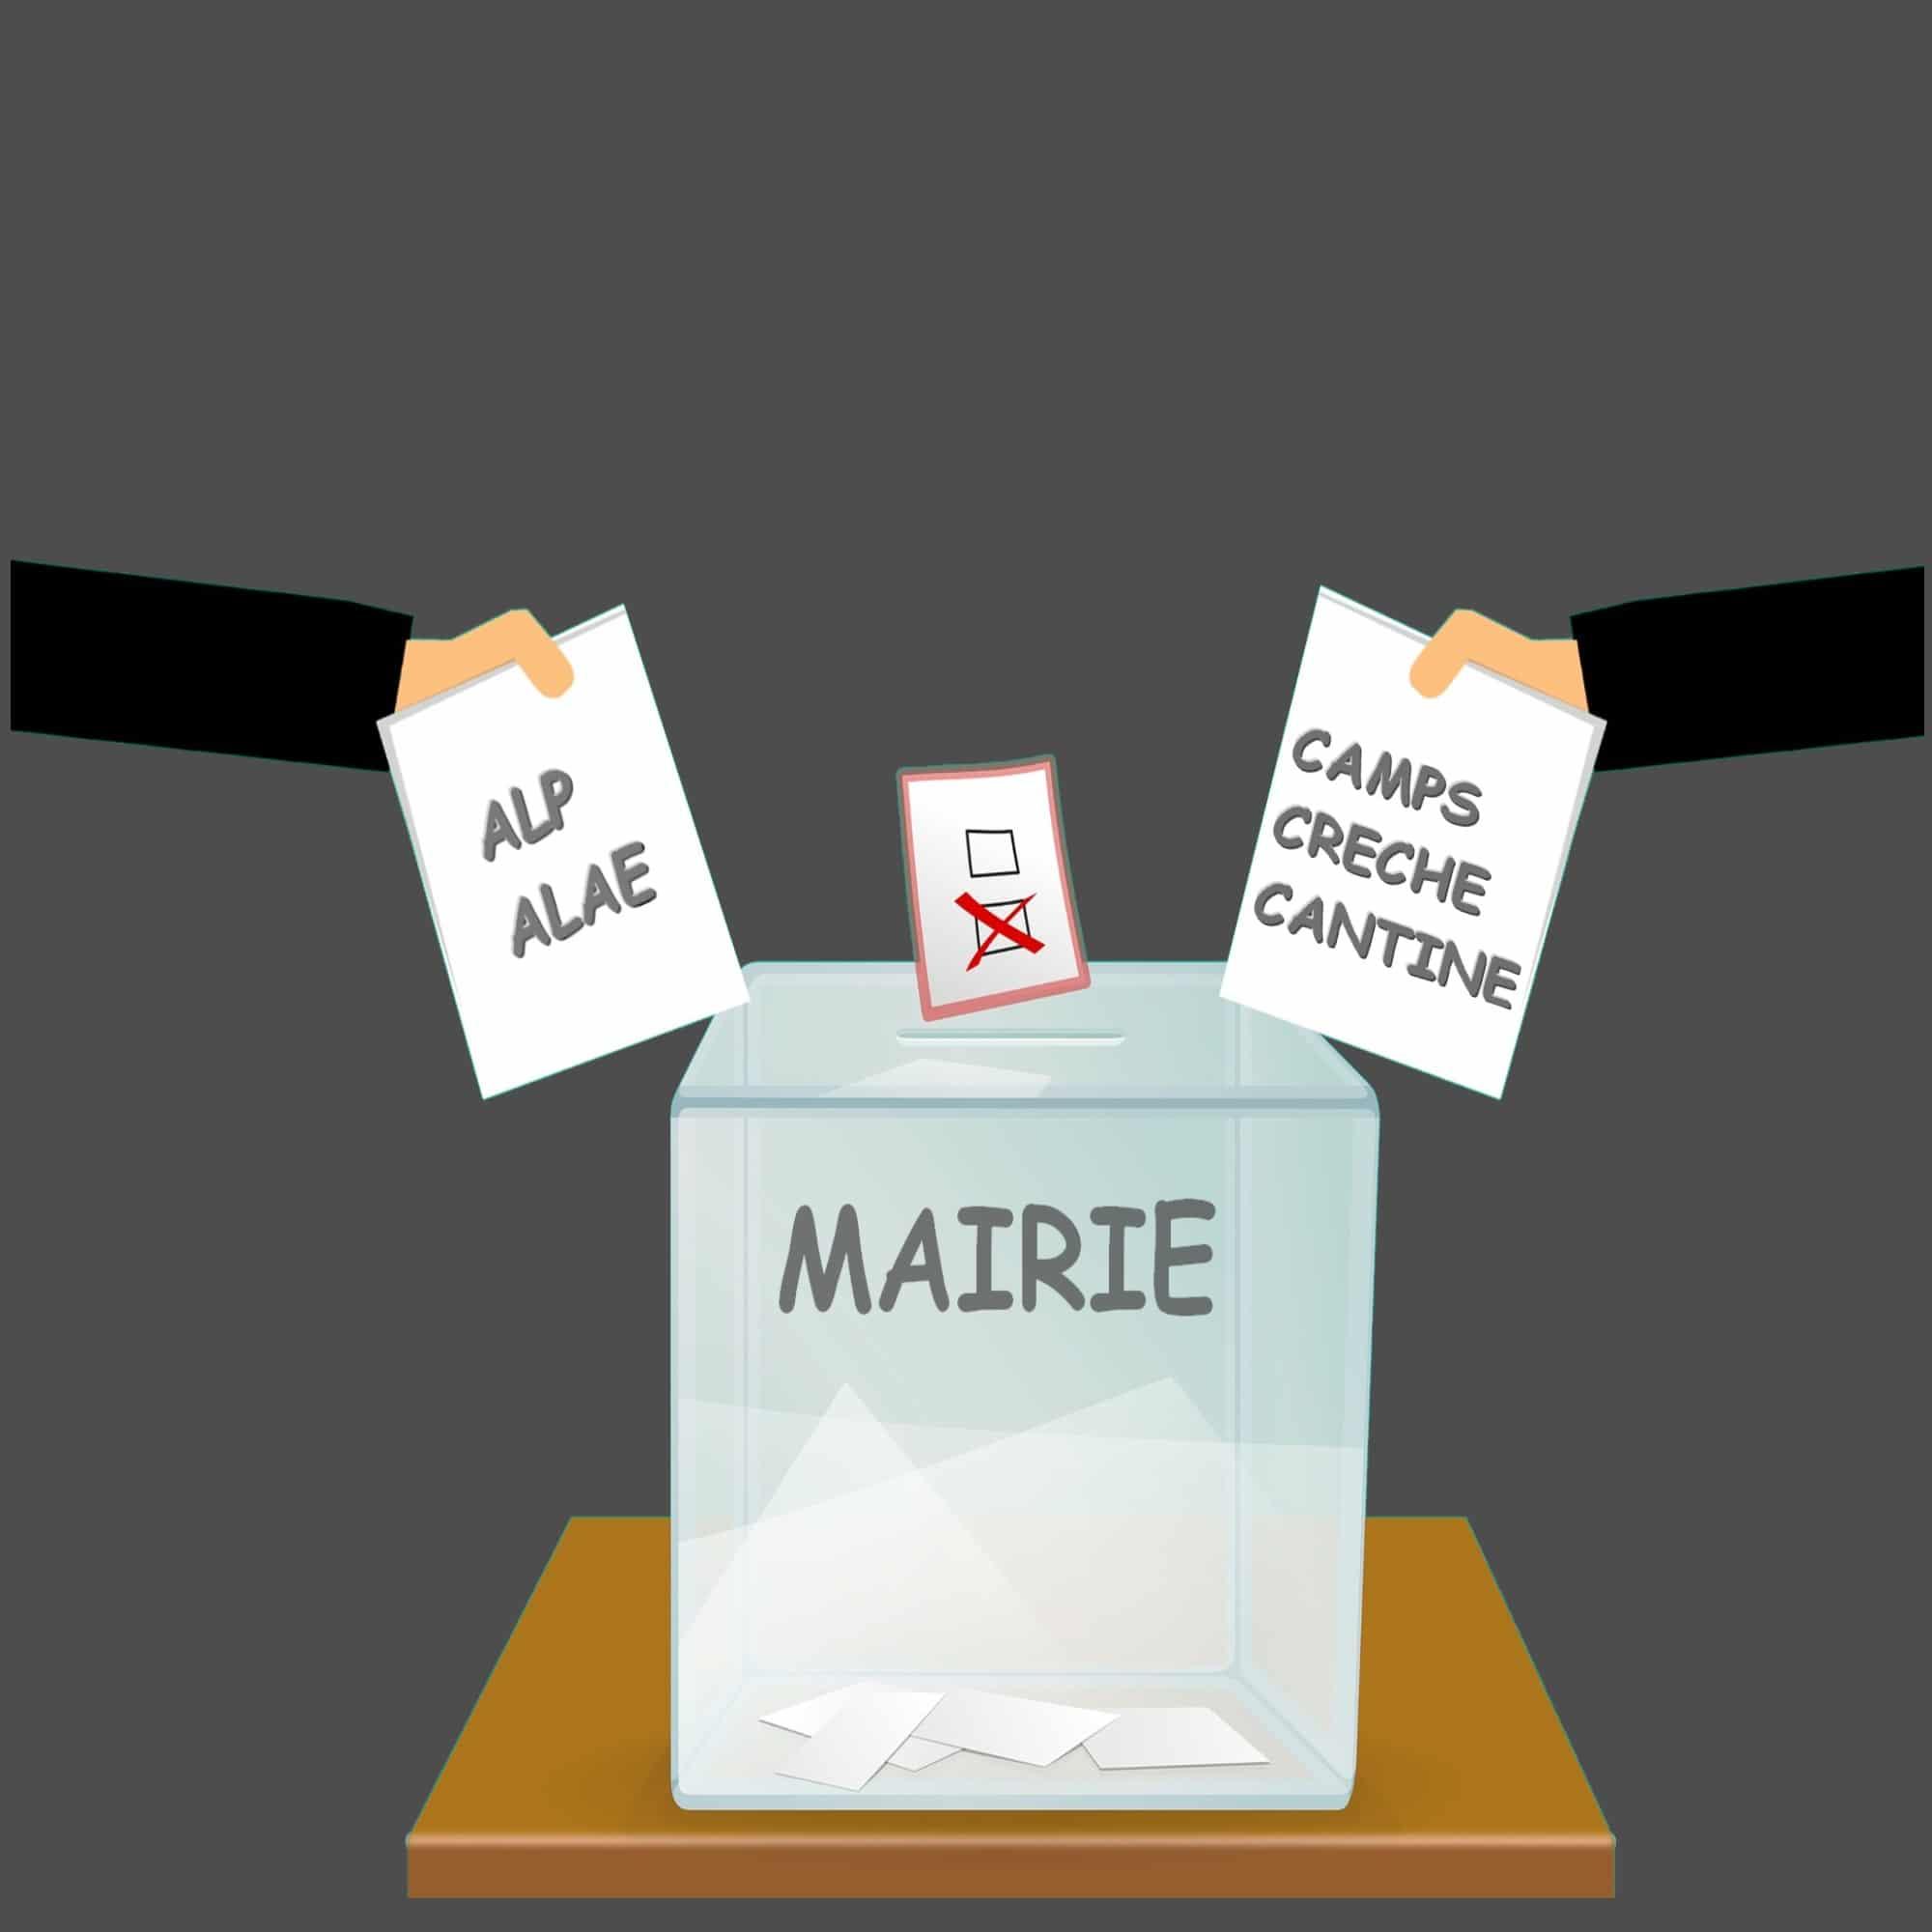 Sites Internet Logiciels Mairie Collectivité Entreprise 5